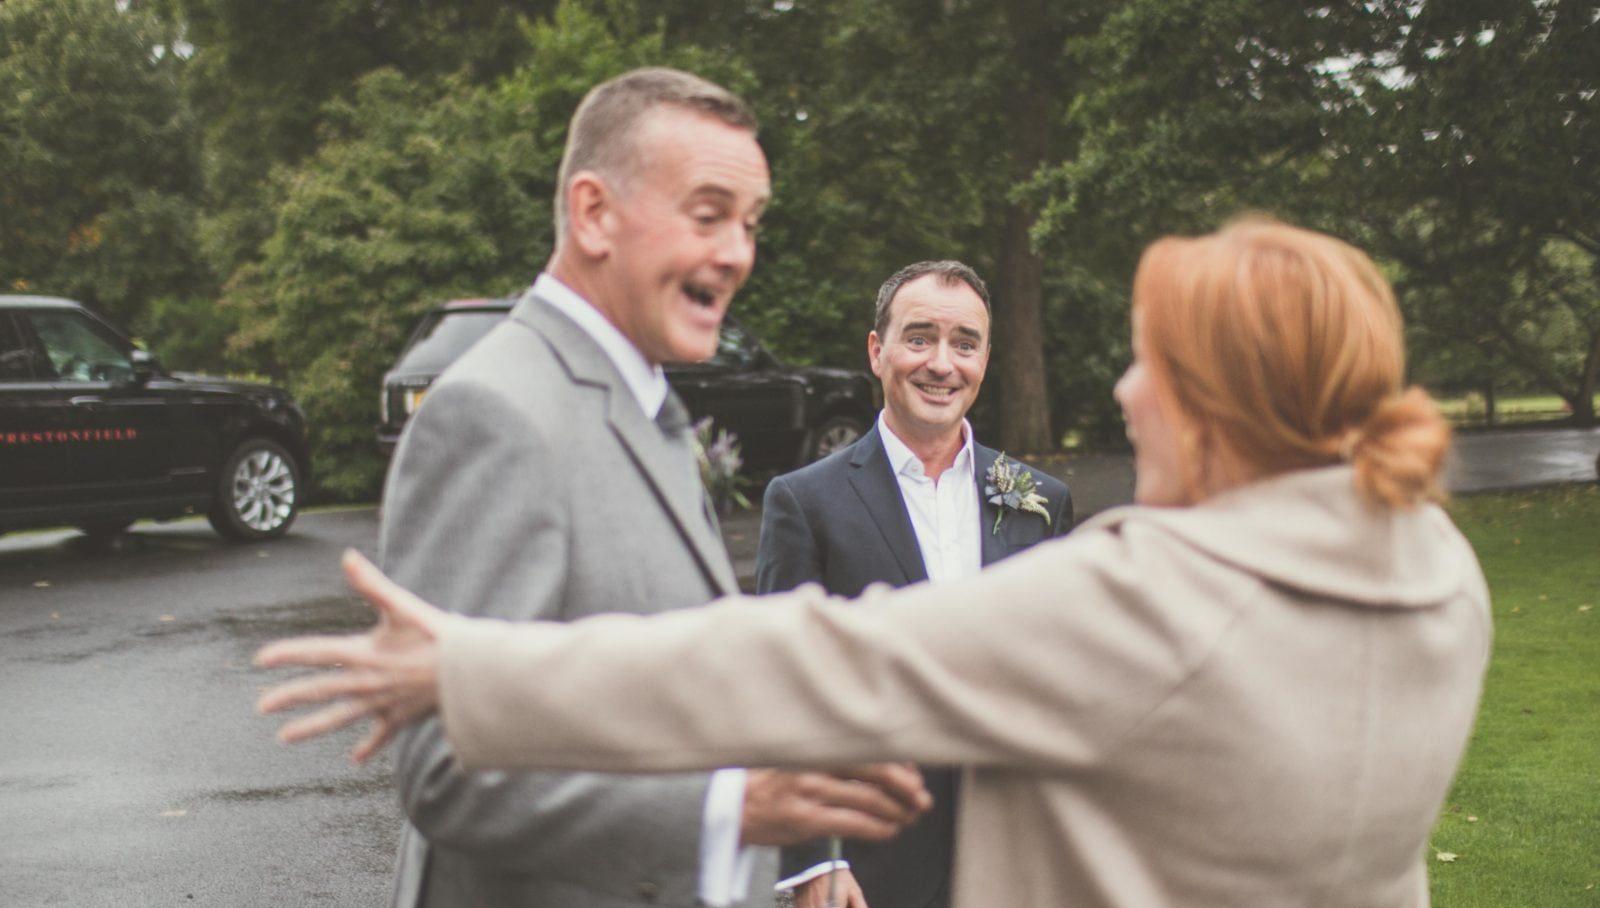 JK Rowling, Gay Çiftin Düğünlerine Katılarak Sürpriz Yaptı!